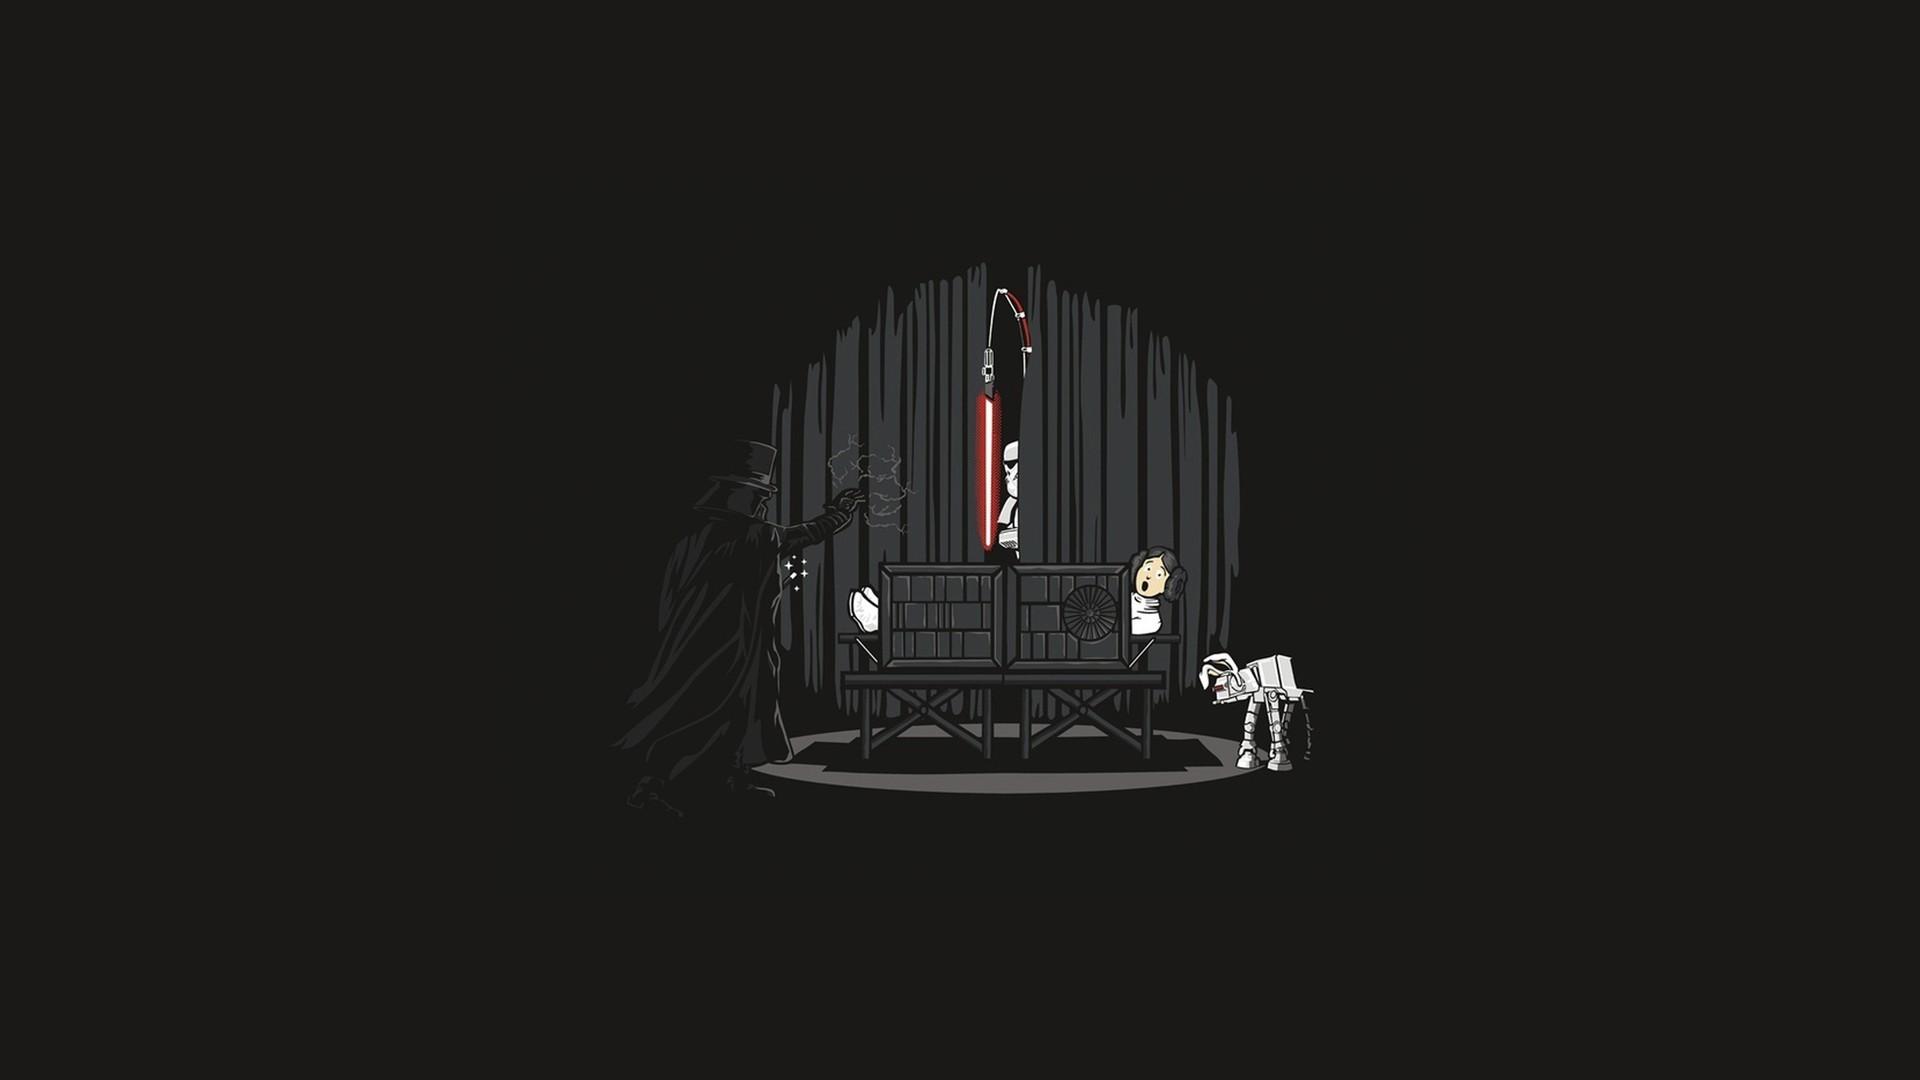 Sci Fi – Star Wars Sci Fi Wallpaper